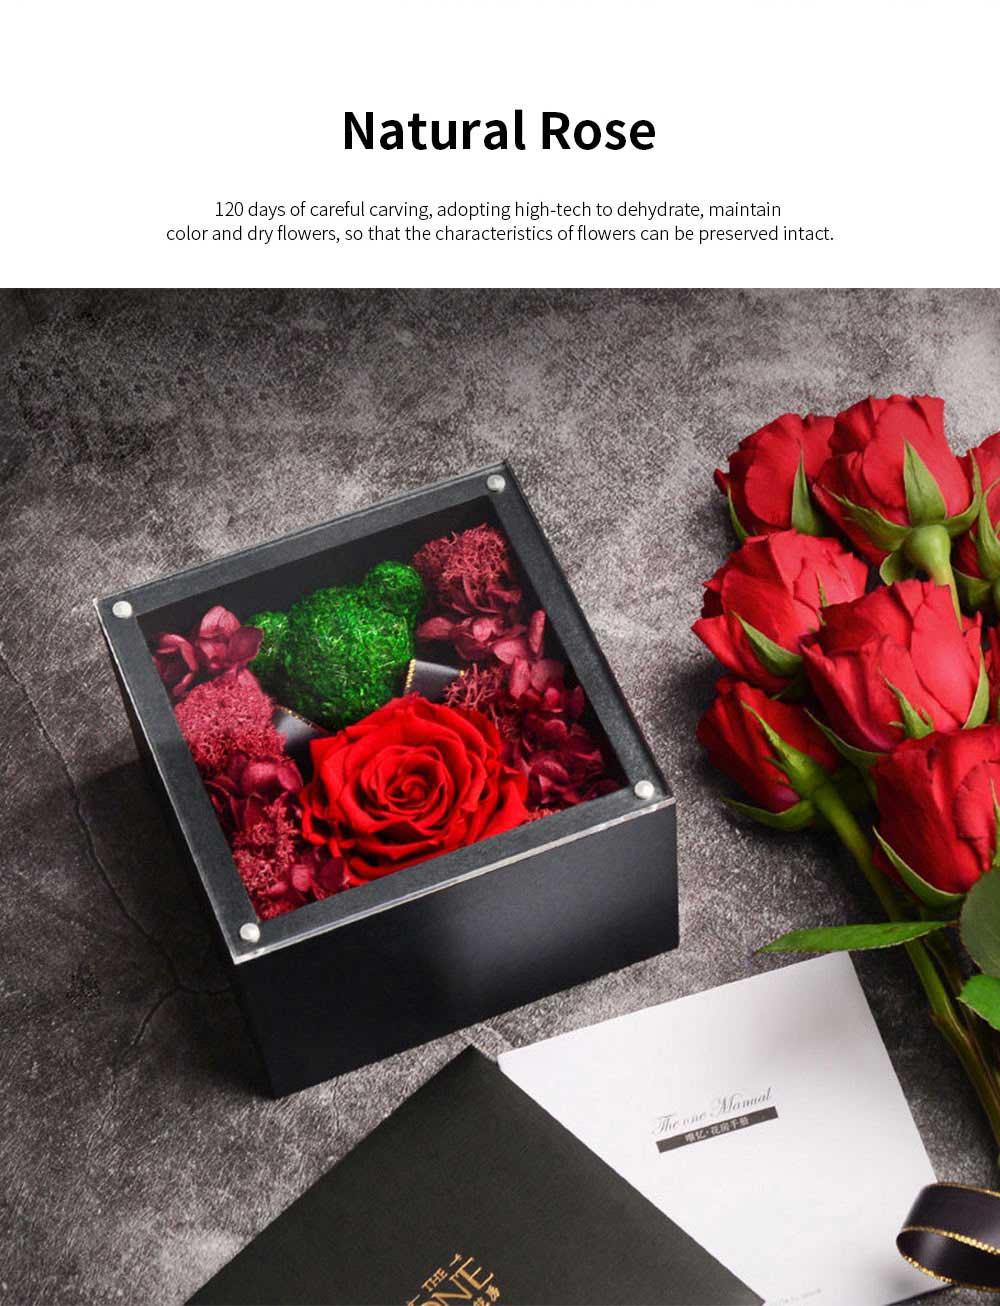 Eternal Rose with Gift Box Forever Blossom Flower for Love Ones Artificial Eternal Life Flower Gift for Mom Lover Girlfriend 1